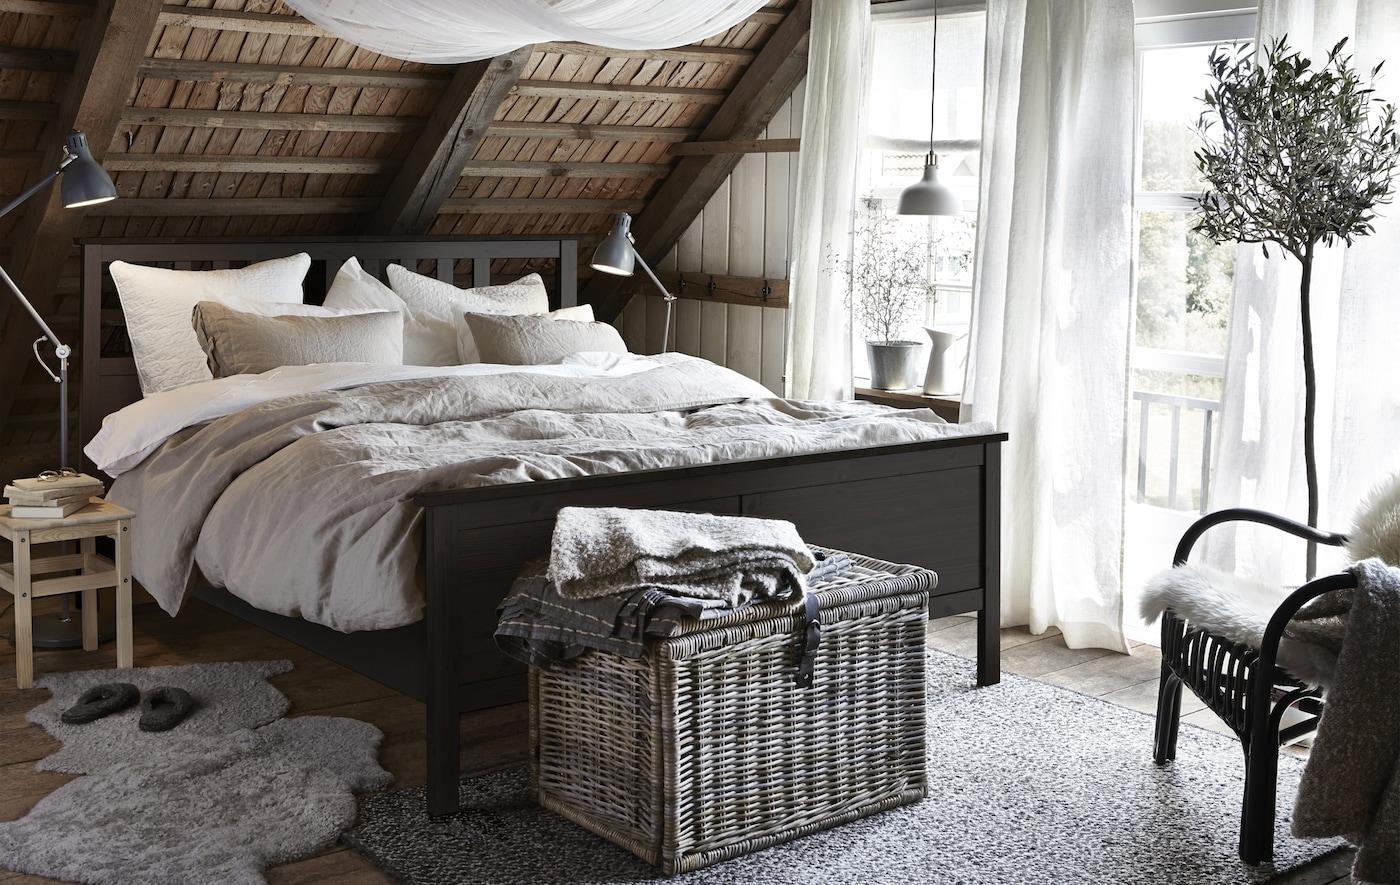 Schlafzimmer Im Landhausstil: Ideen Zum Gemütlichen Träumen